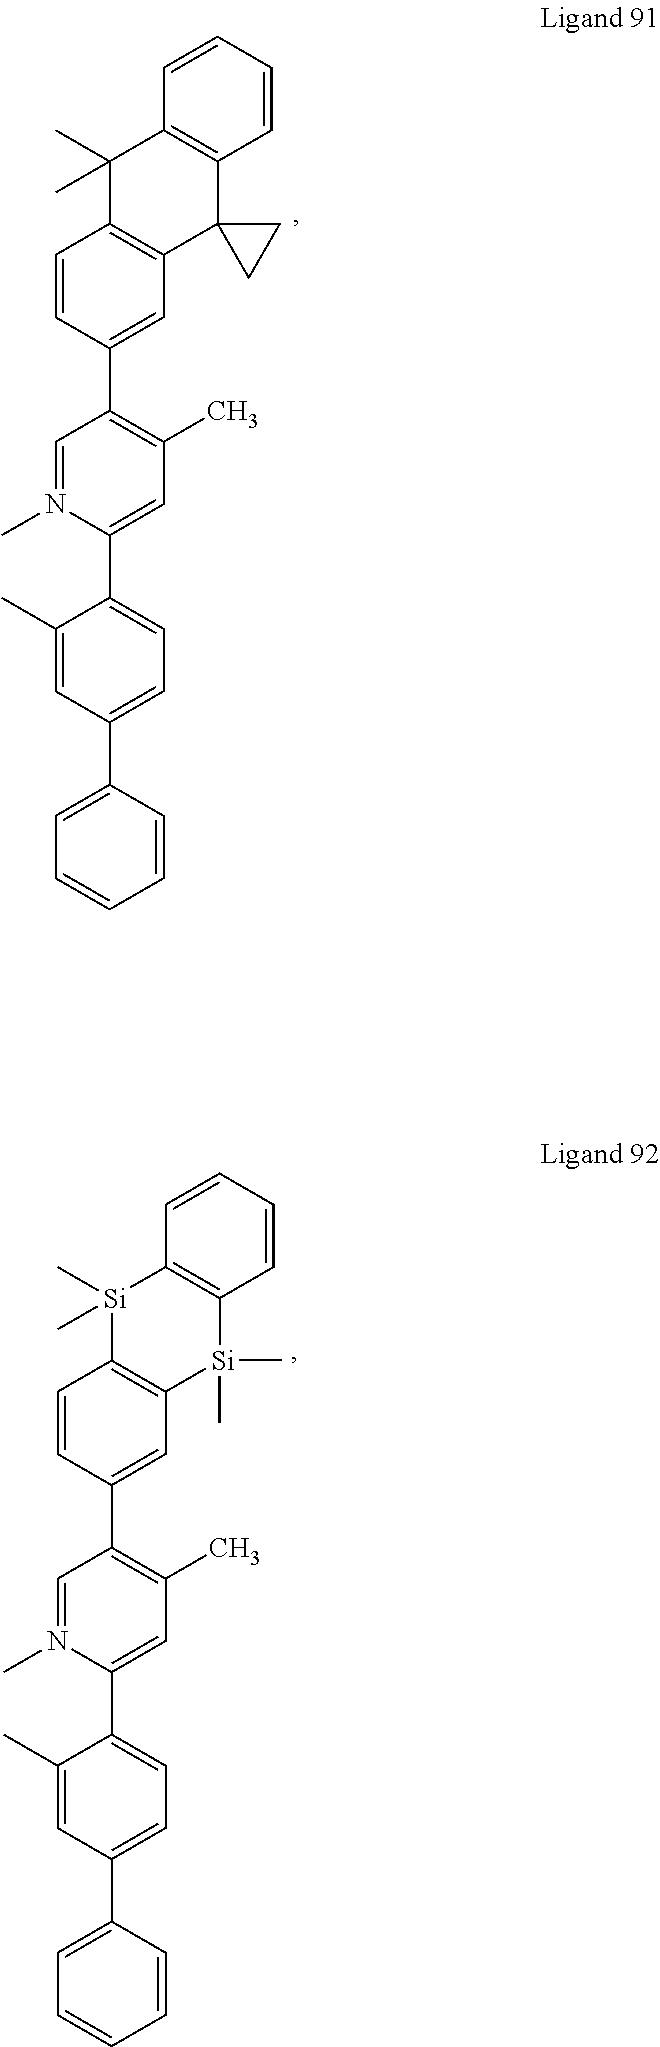 Figure US20180130962A1-20180510-C00054